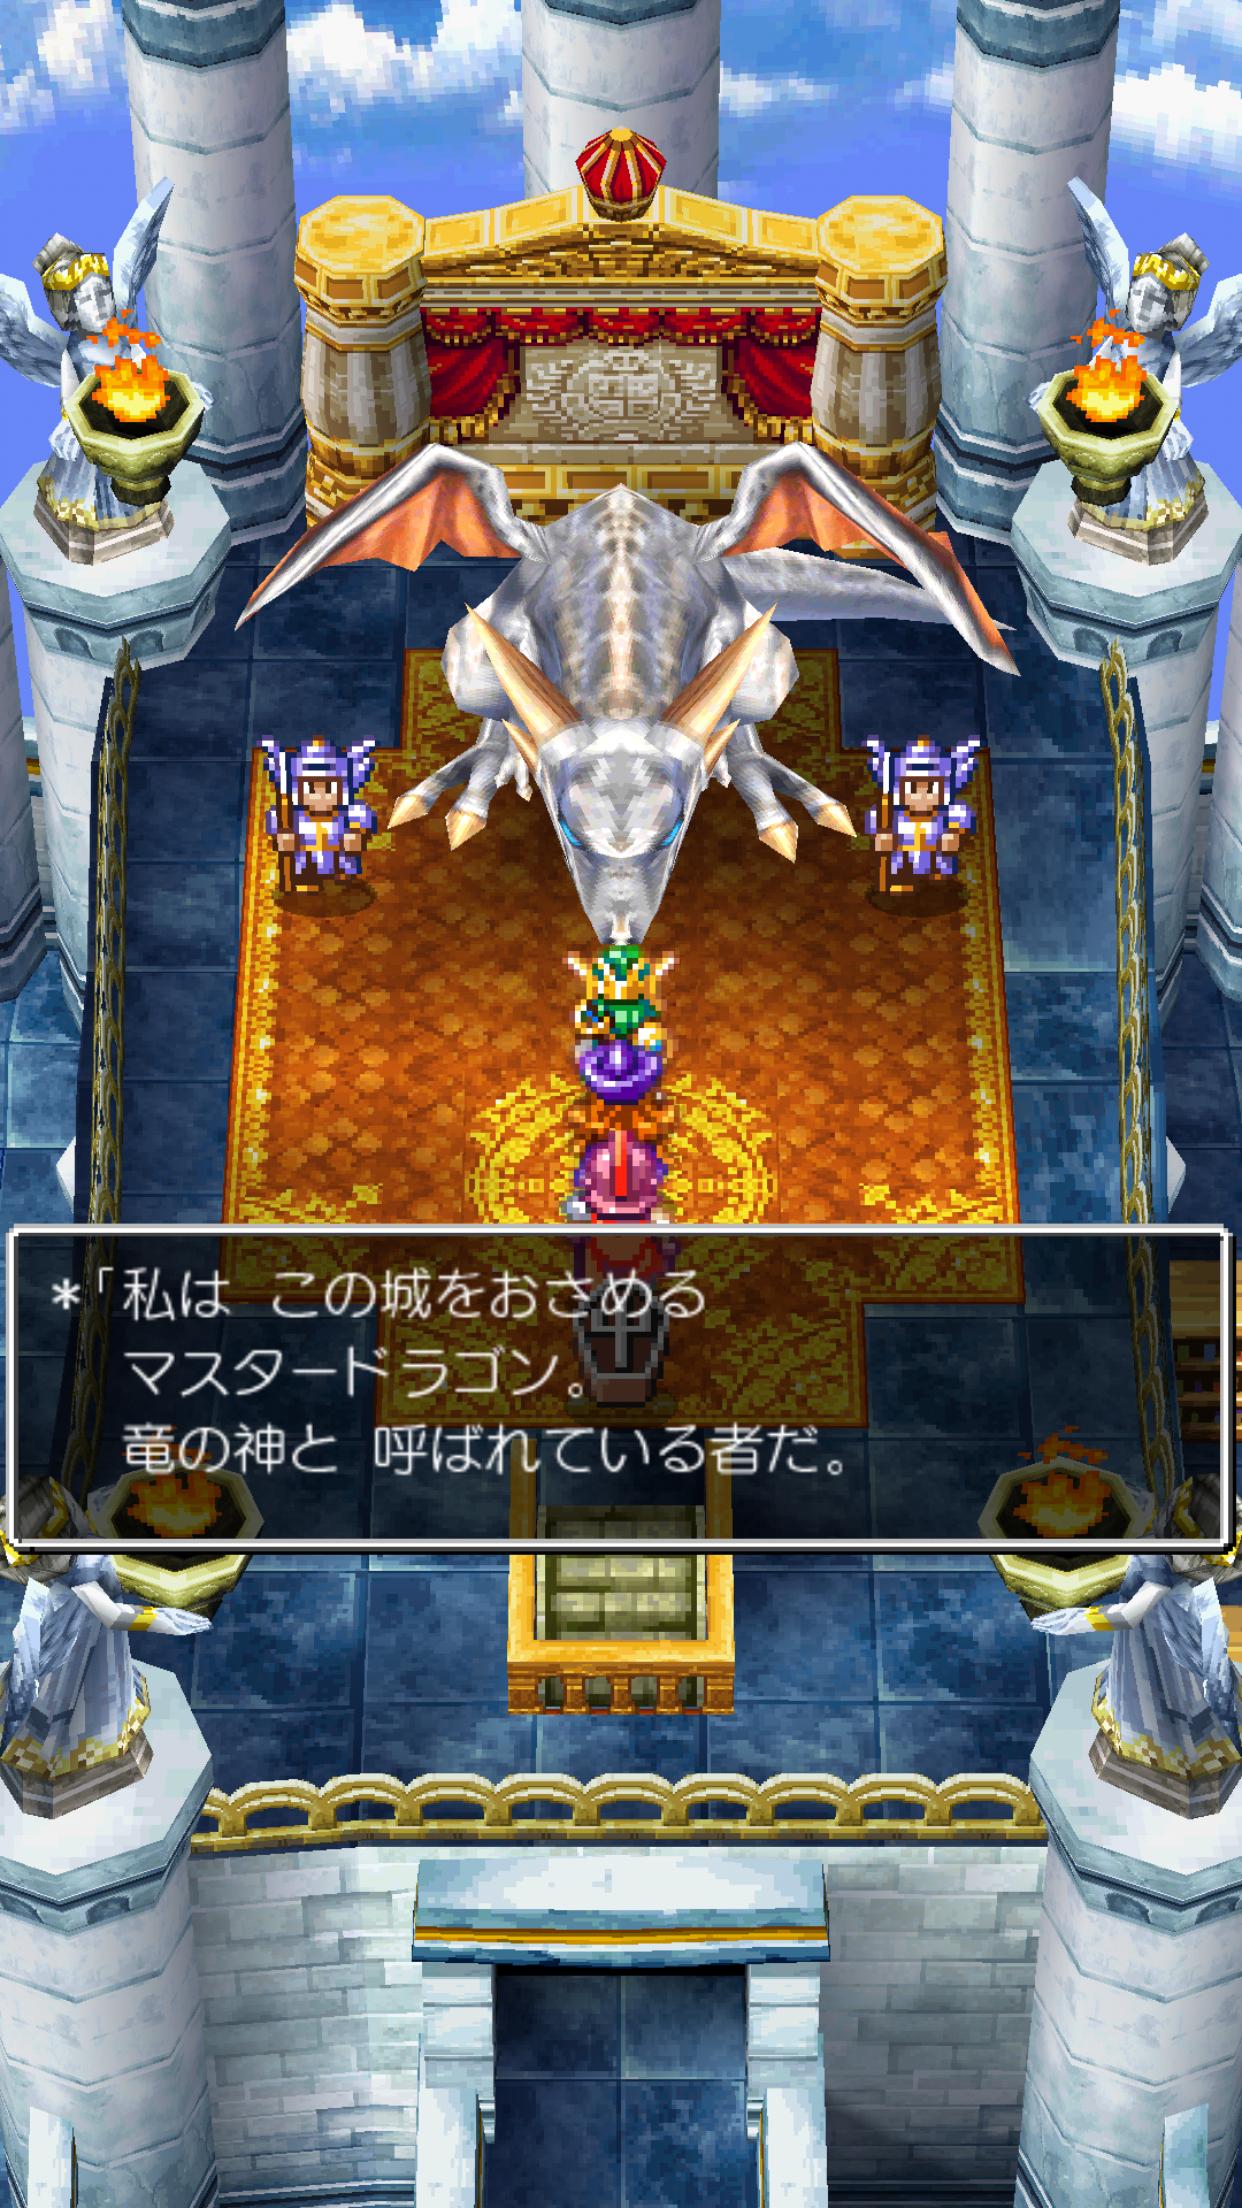 f:id:masanori-kato1972:20190402112305p:image